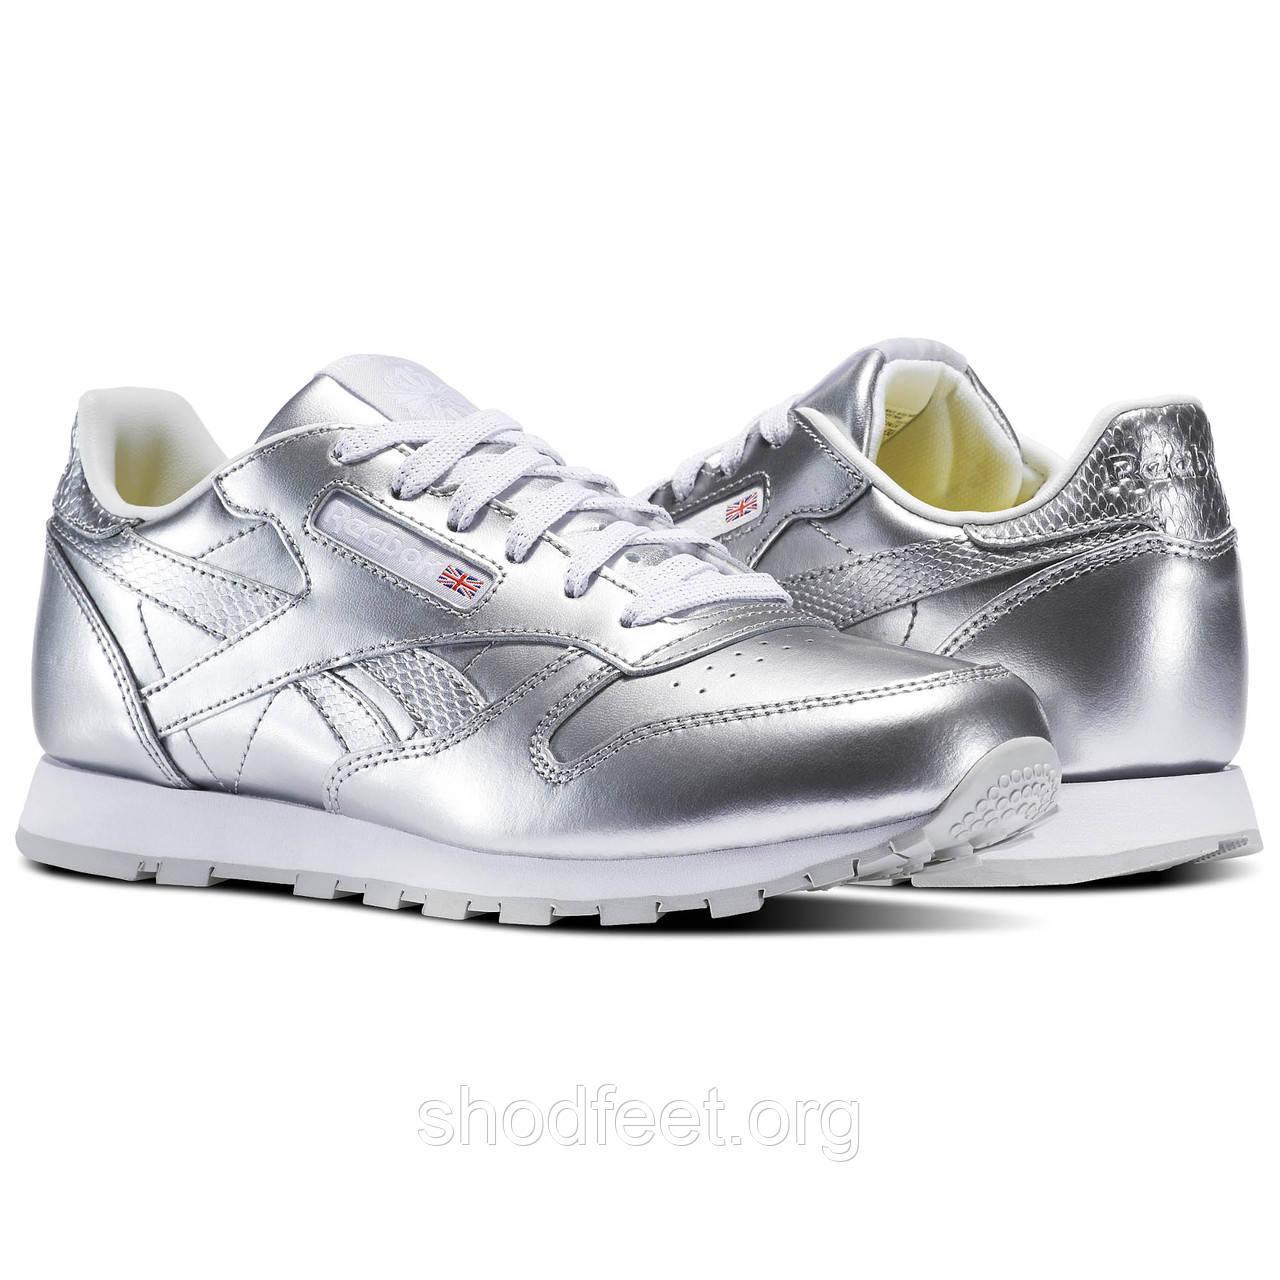 Жіночі кросівки Reebok Classic Leather Metallic BS8945